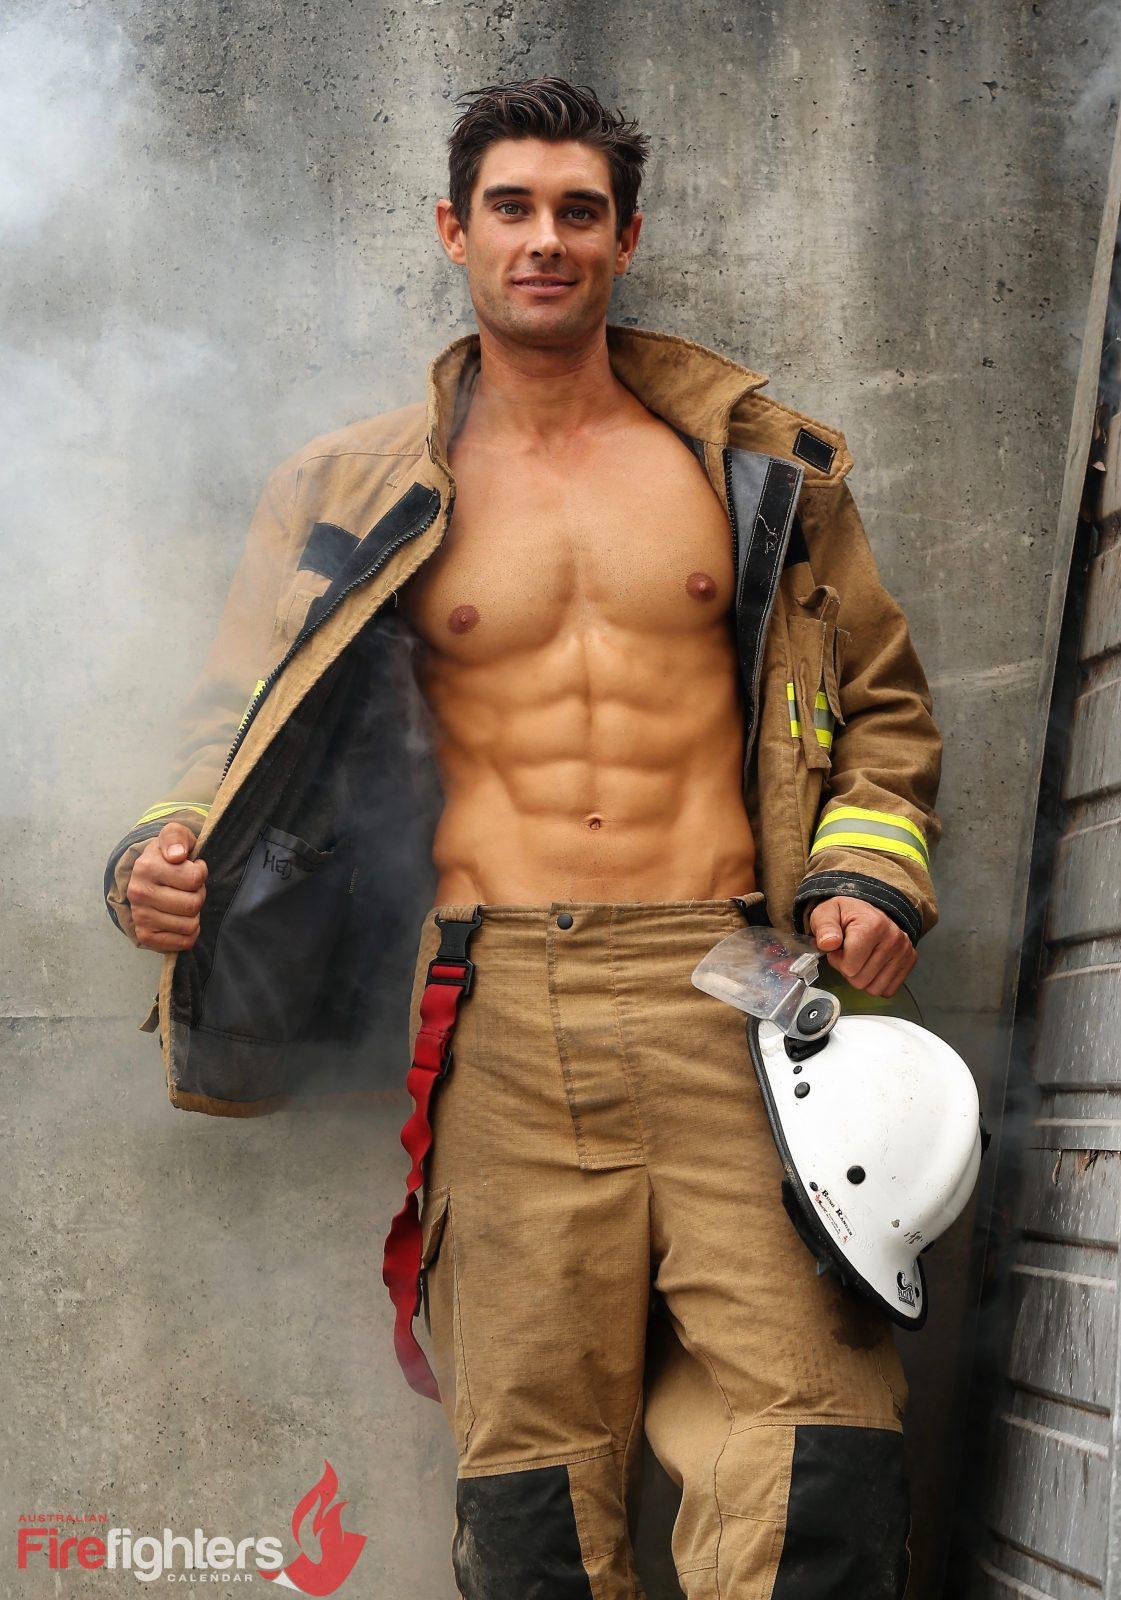 Its Steaming Men, Hallelujah: Australian Firefighters Get